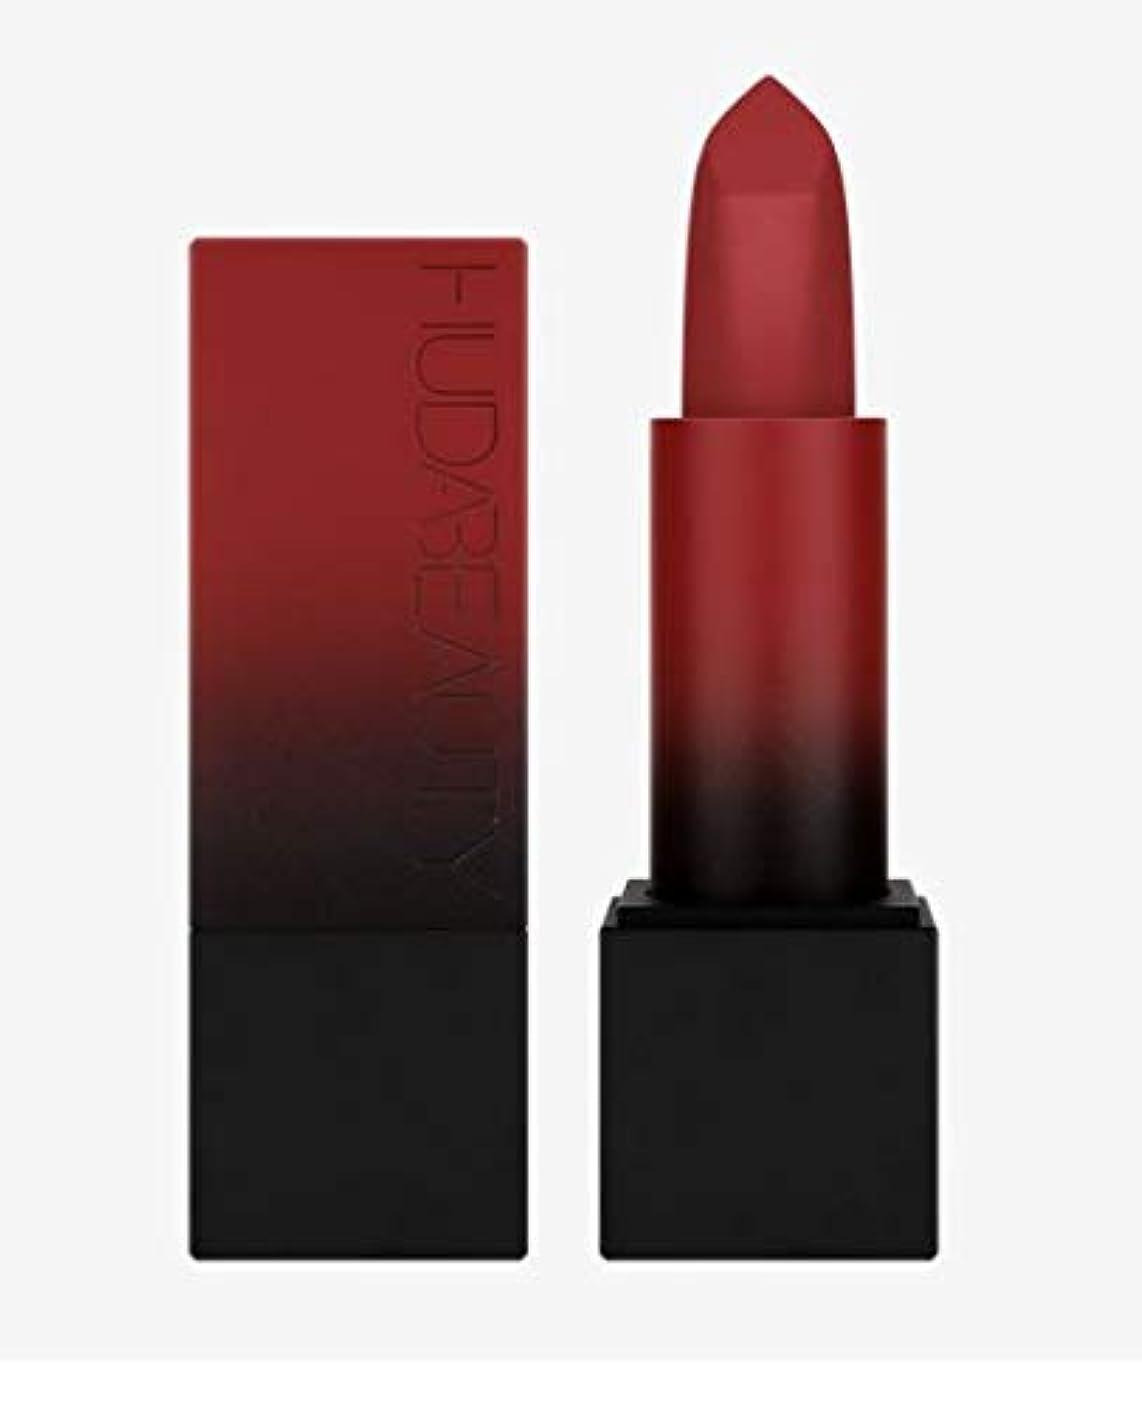 手弁護人専門知識Hudabeauty Power Bullet Matte Lipstick マットリップ Promotion Day